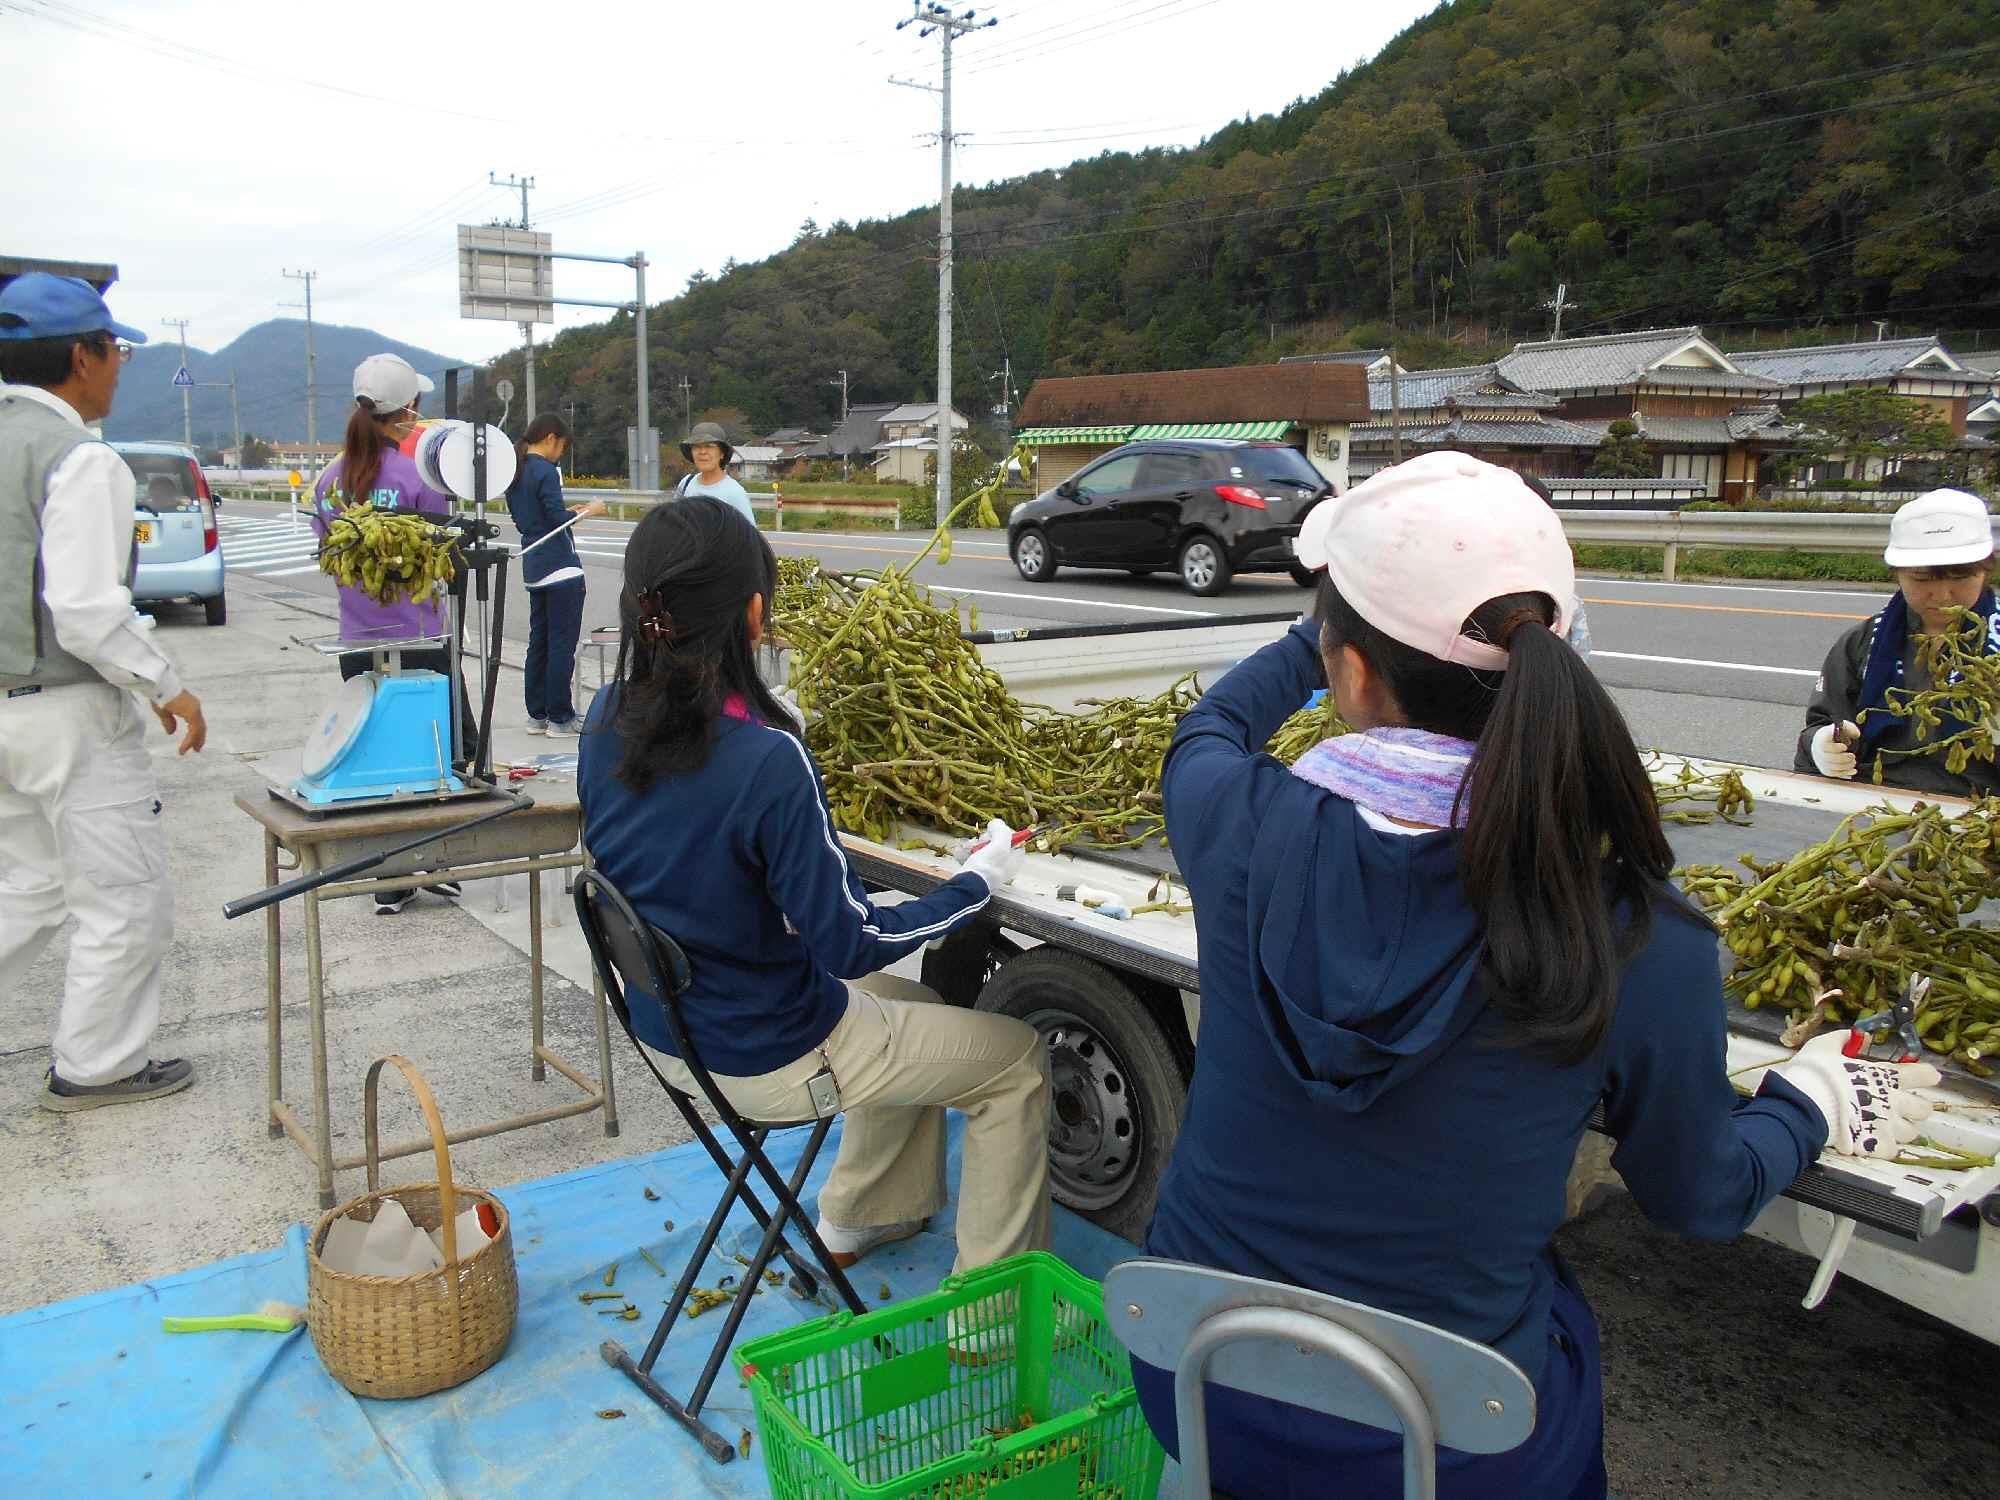 軽トラの上で、枝豆を整理し、束ねて売りました